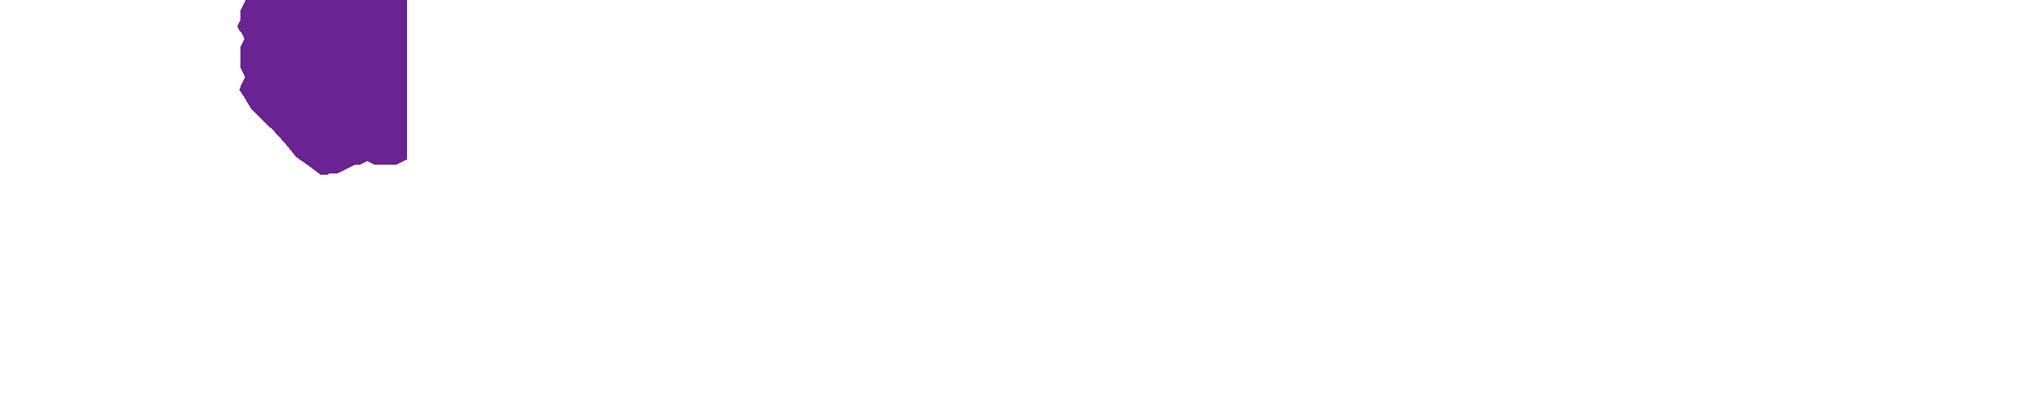 Ezesonic Limited